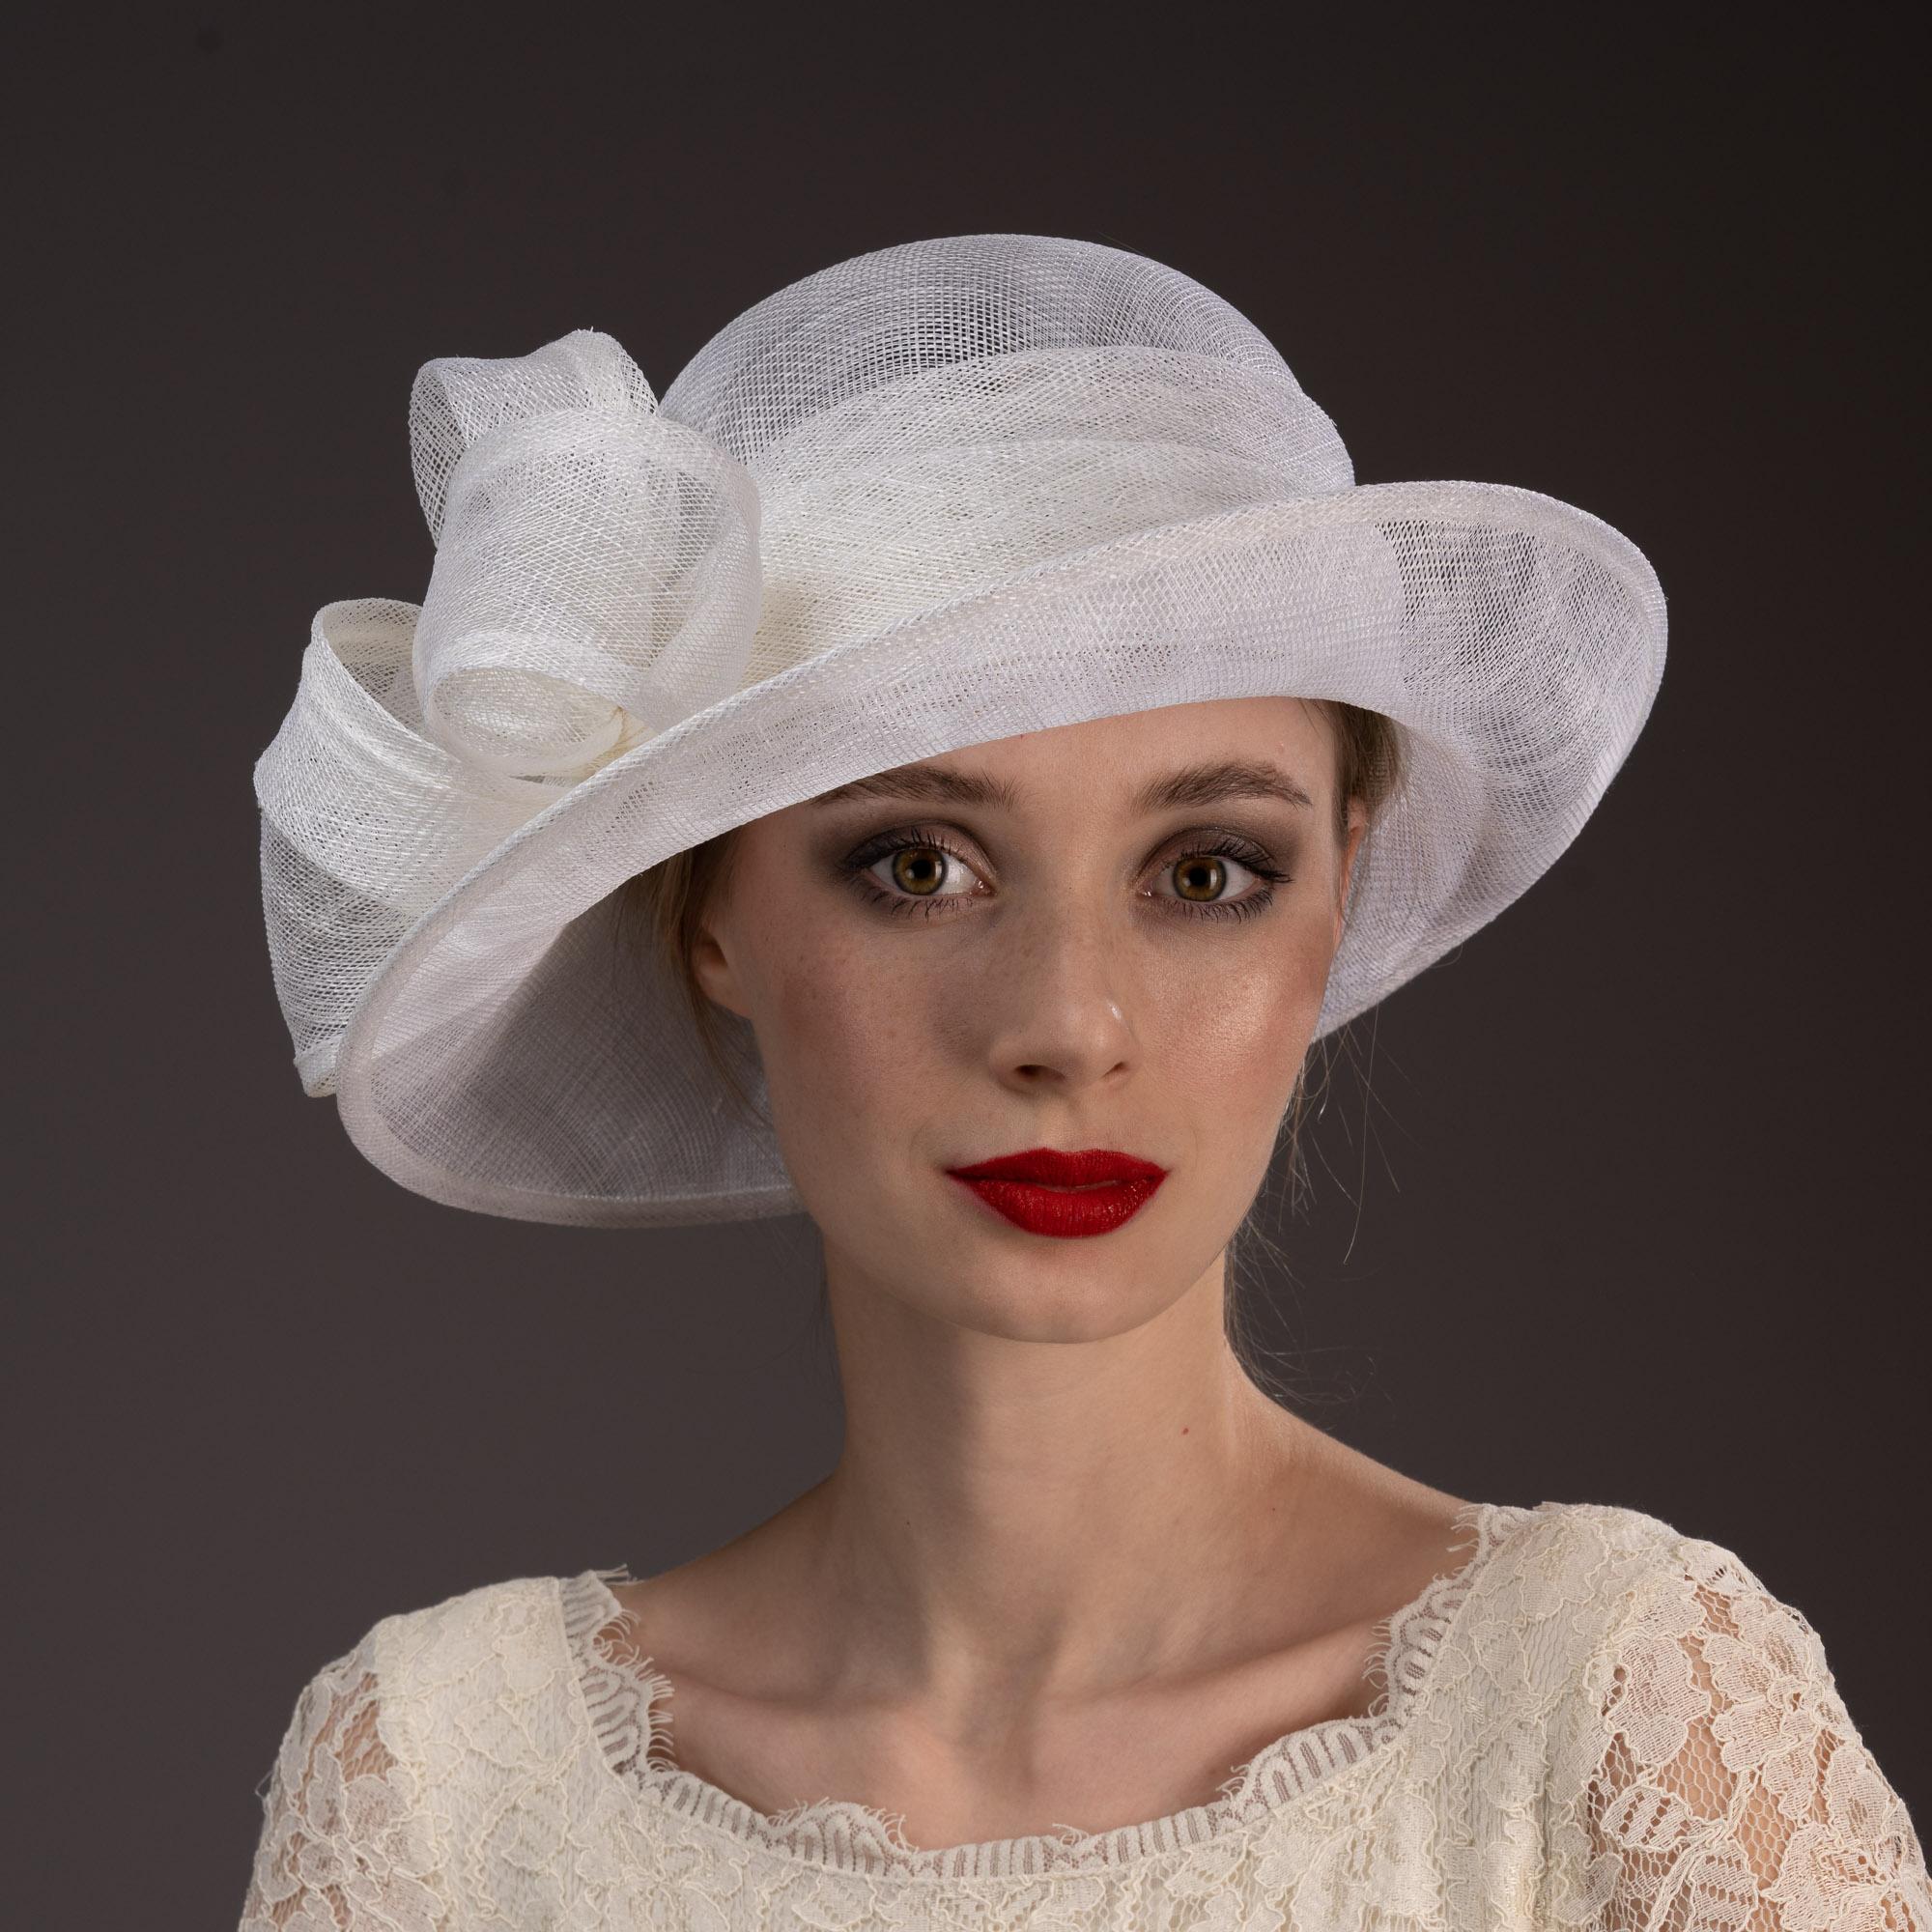 White Short Brim Sidesweep Sinamay Dress Formal Hat